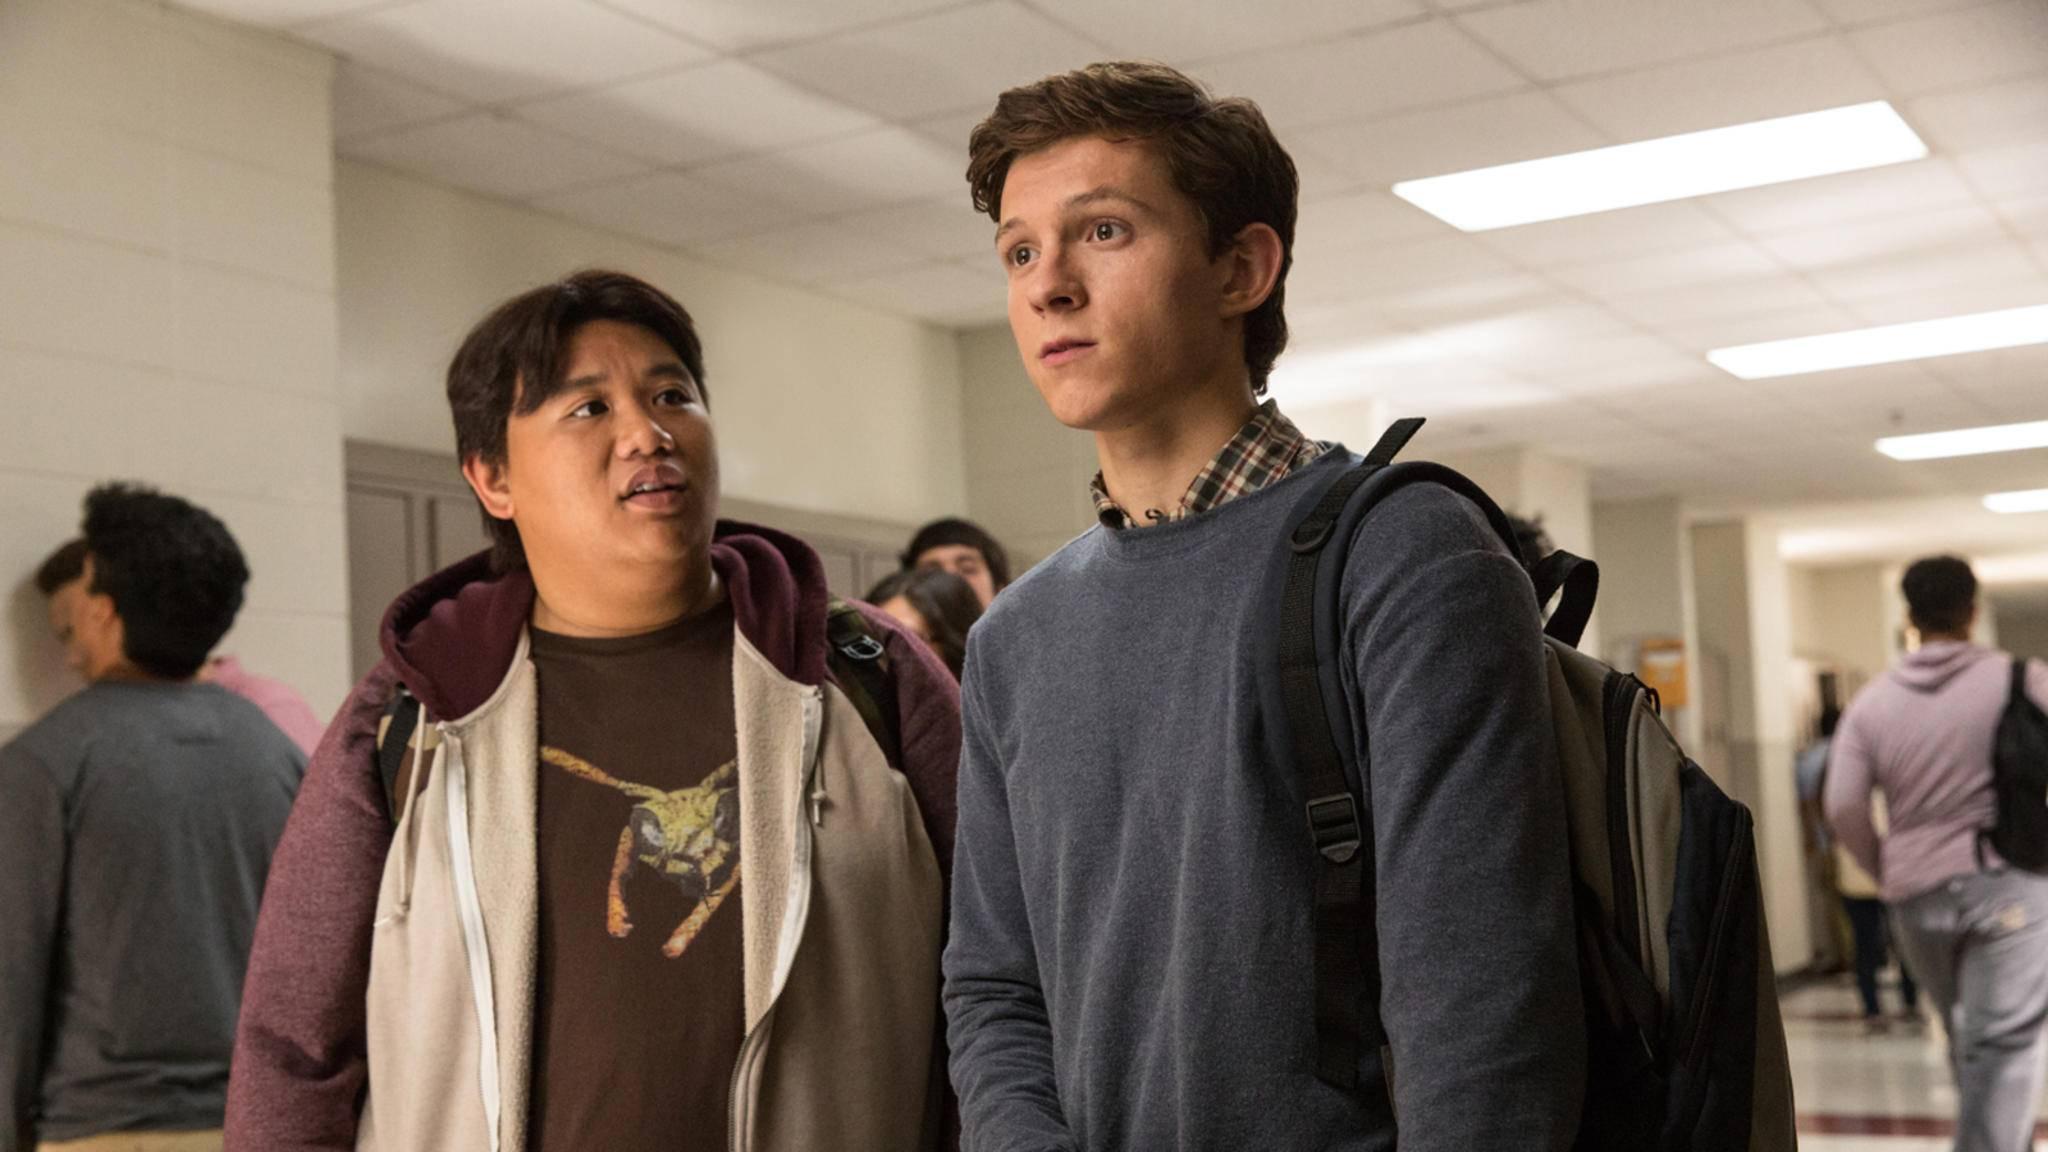 Warte, was? Ned-Darsteller Jacob Batalon plauderte ein wesentliches Detail zu Mysterio aus.